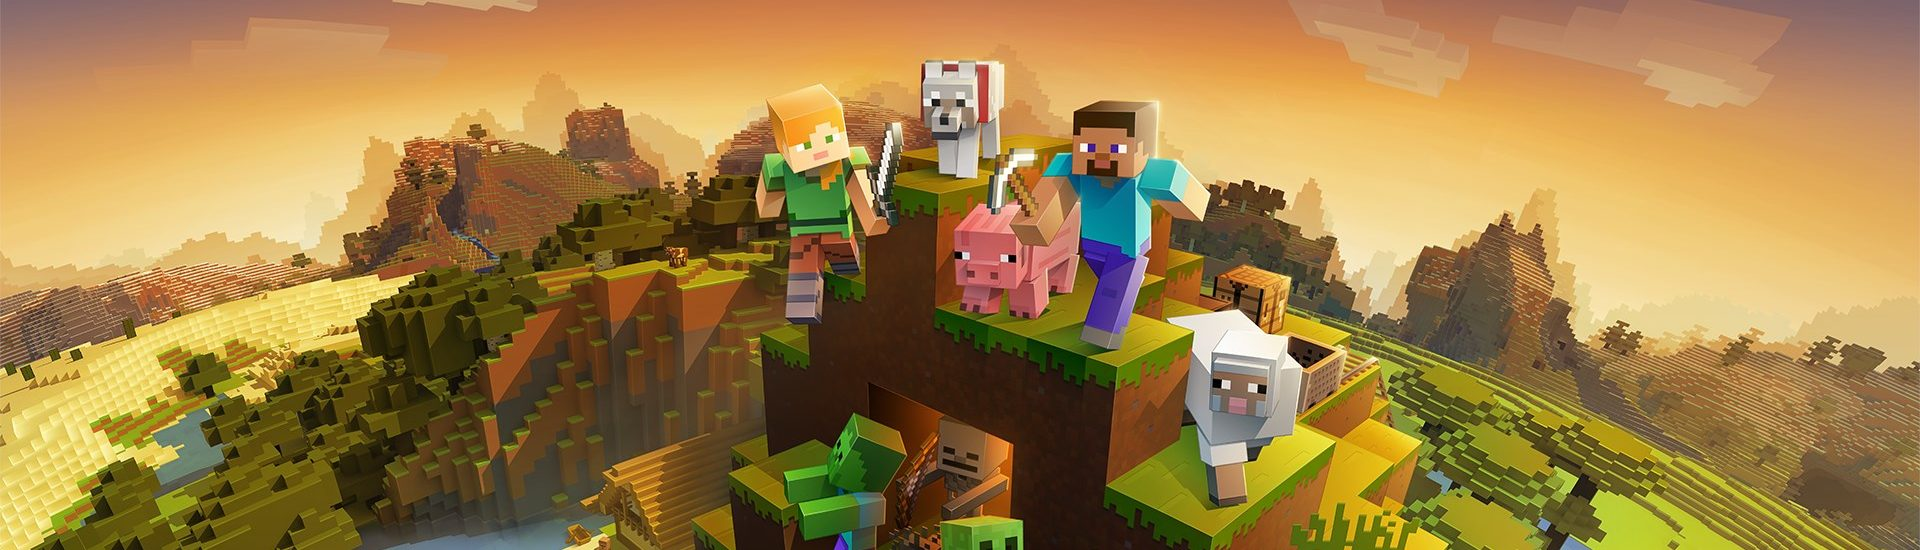 MinecraftZ